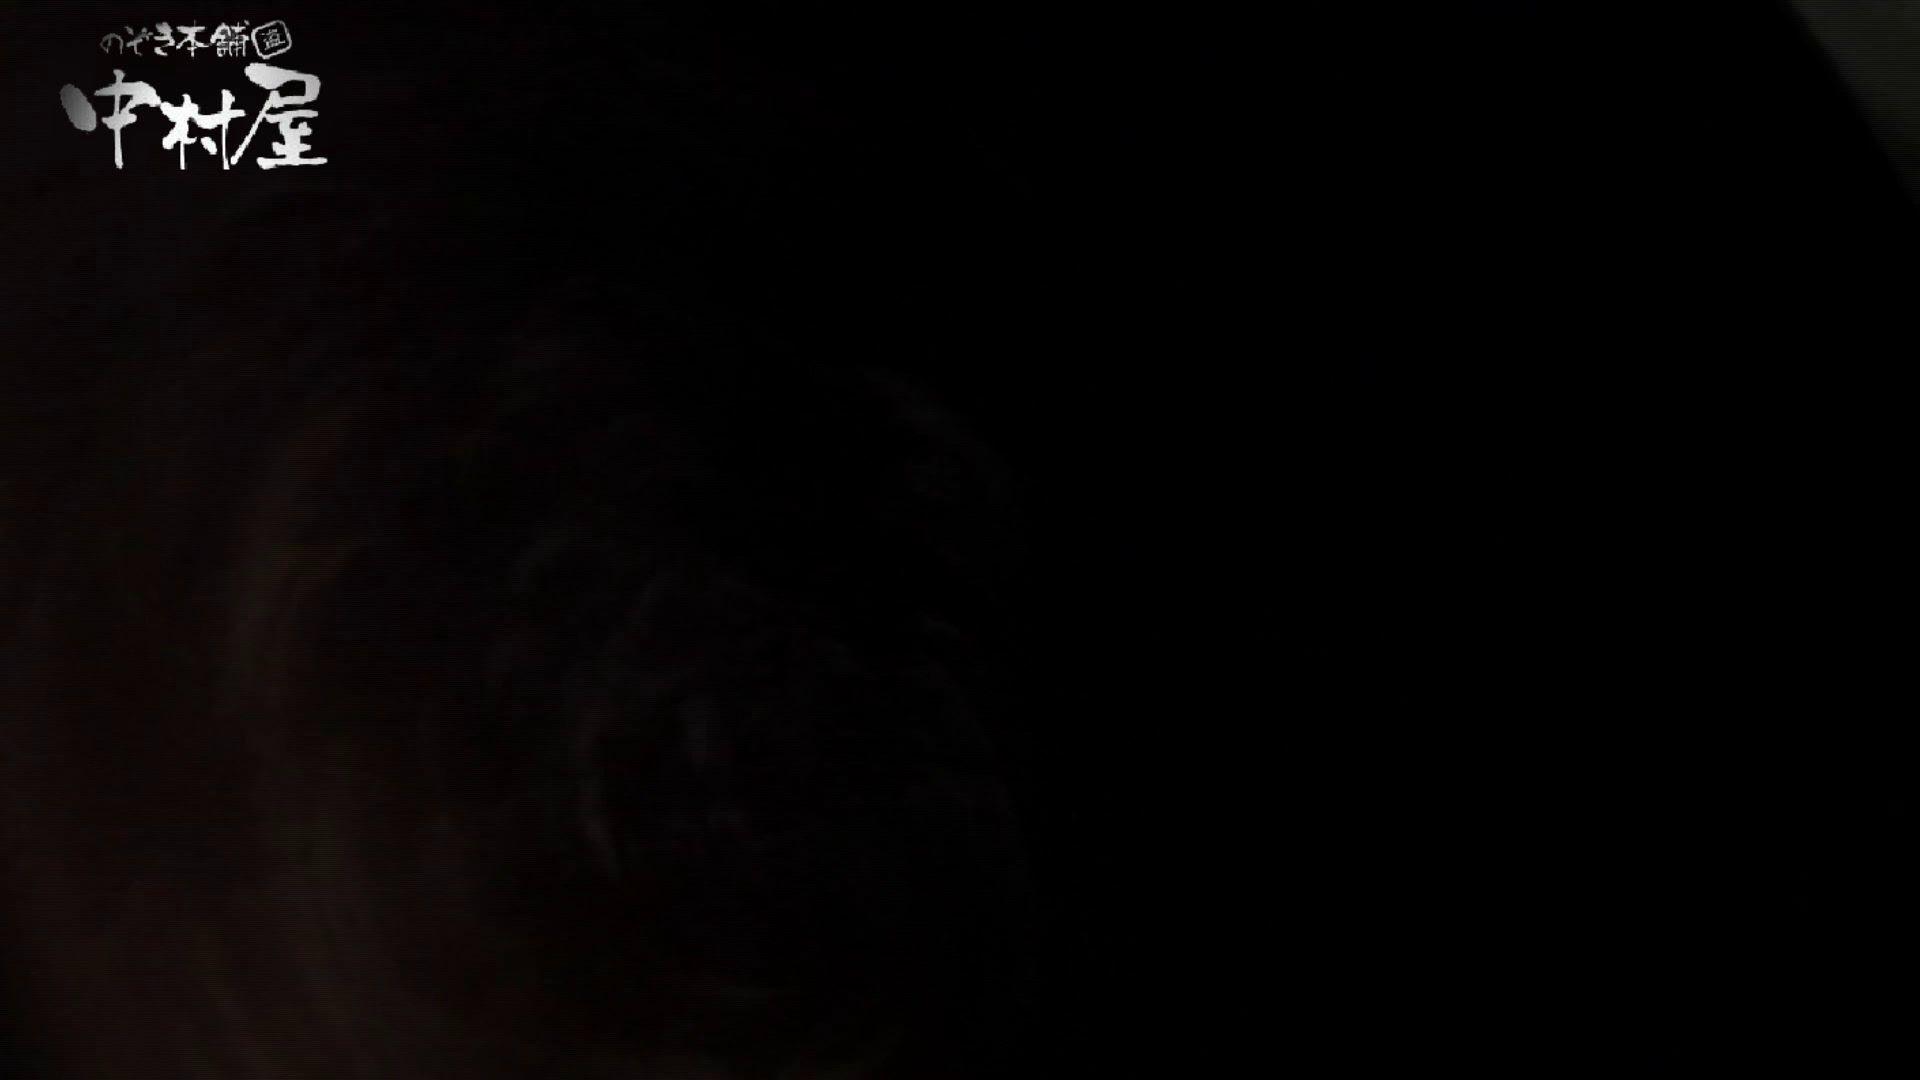 【世界の射窓から~ステーション編~】ステーション編 vol52 我慢して個室に入ったら。||:-)!! 盗撮特集 | おまんこ  79画像 70